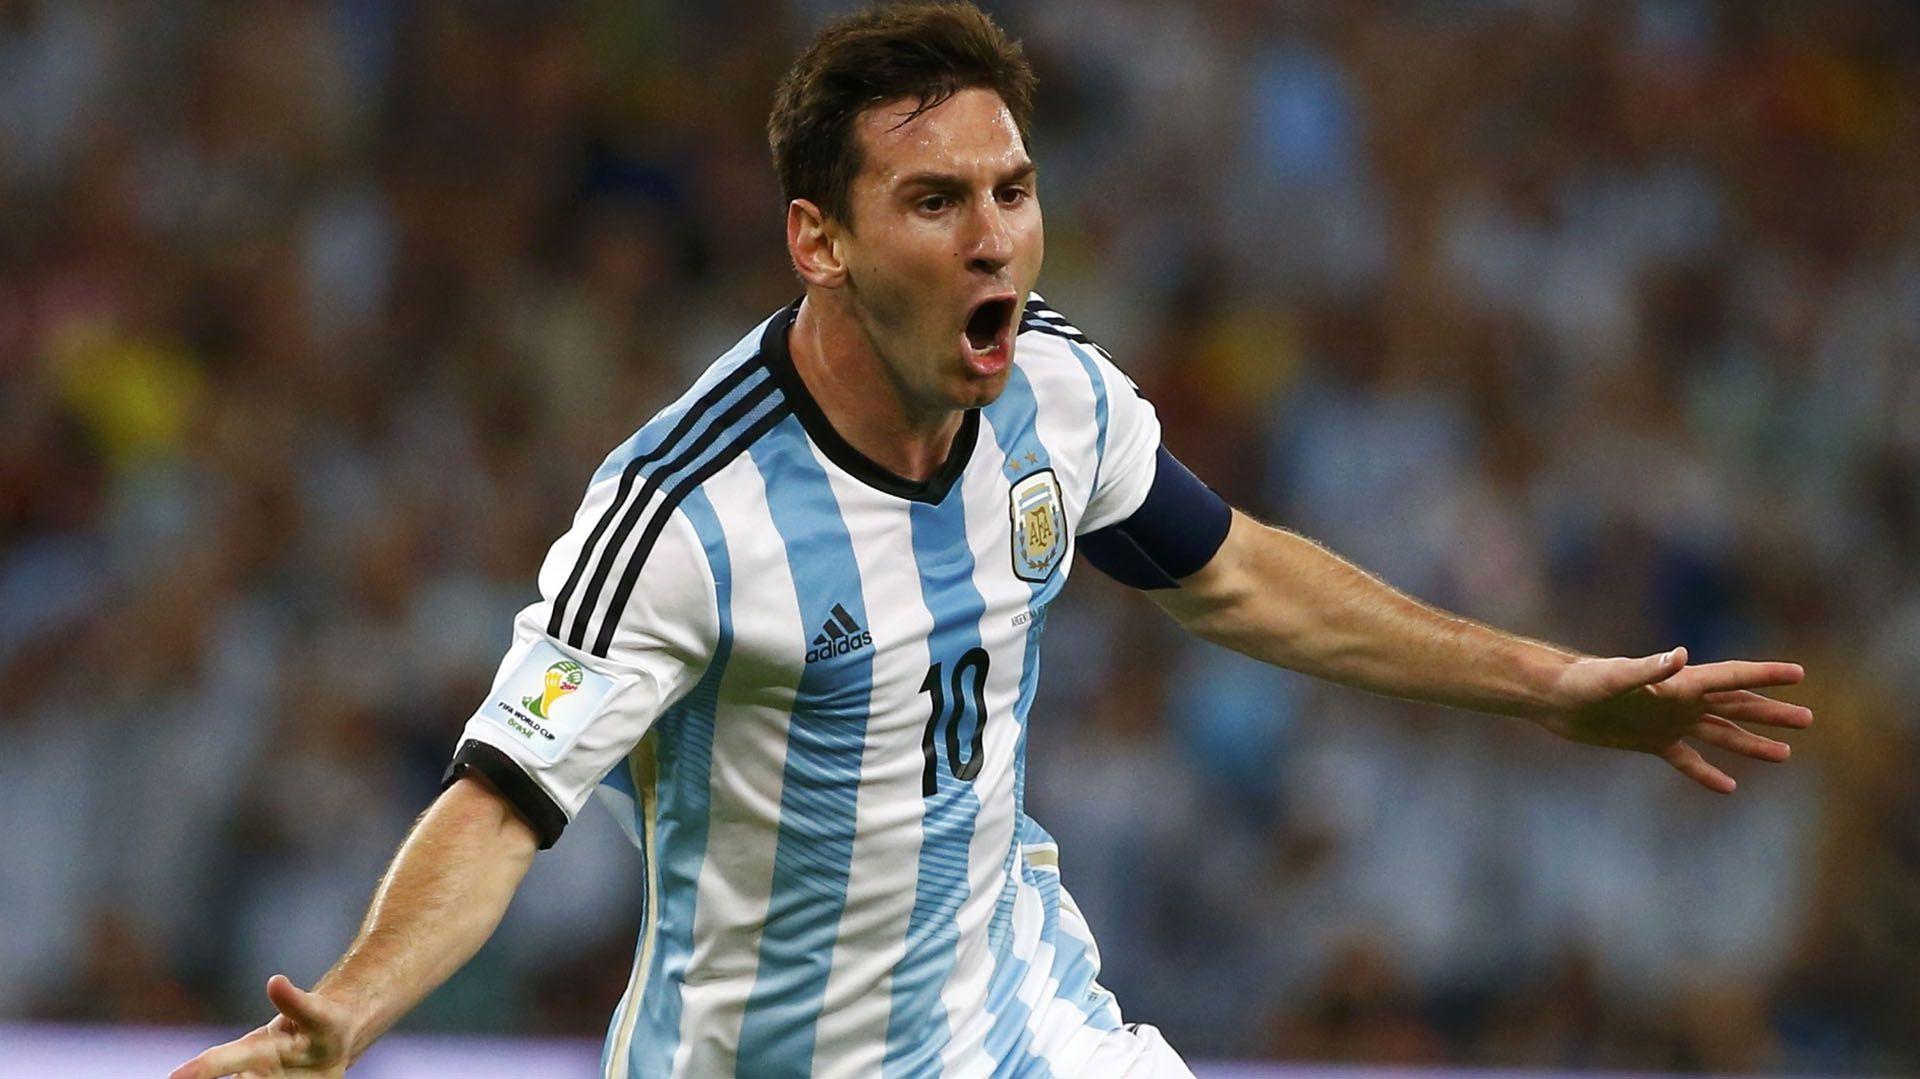 En el Mundial 2014 alcanzó la final y quedó a un paso de alzar la Copa del Mundo